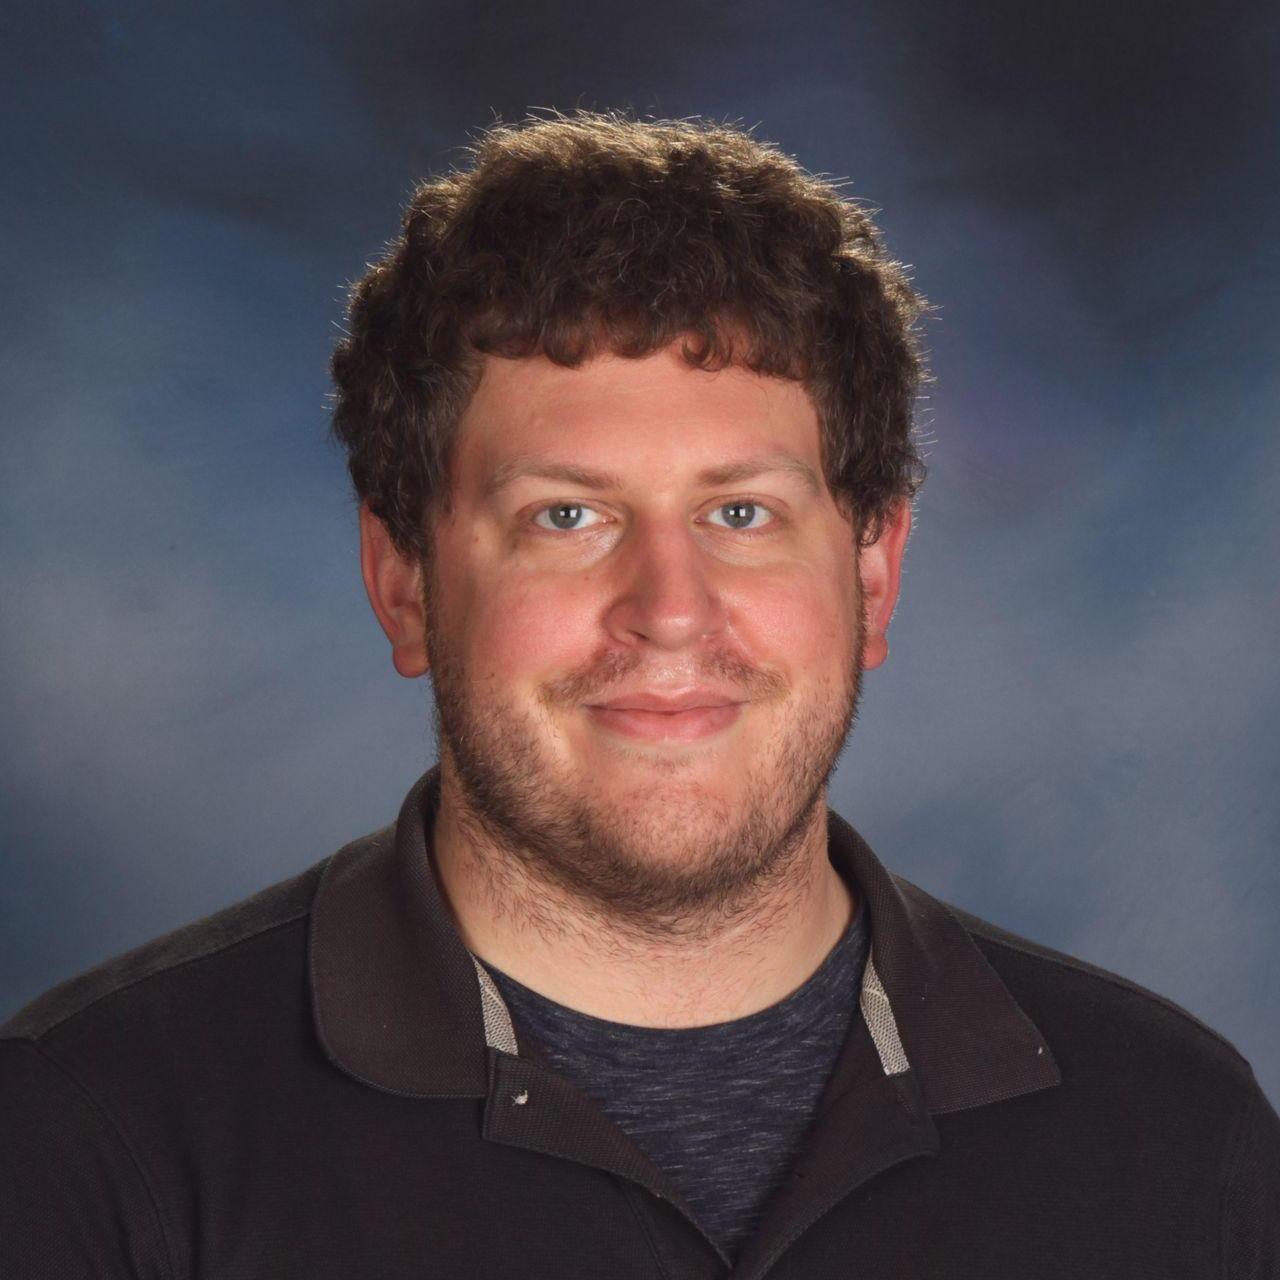 Mr. Connor Gleason